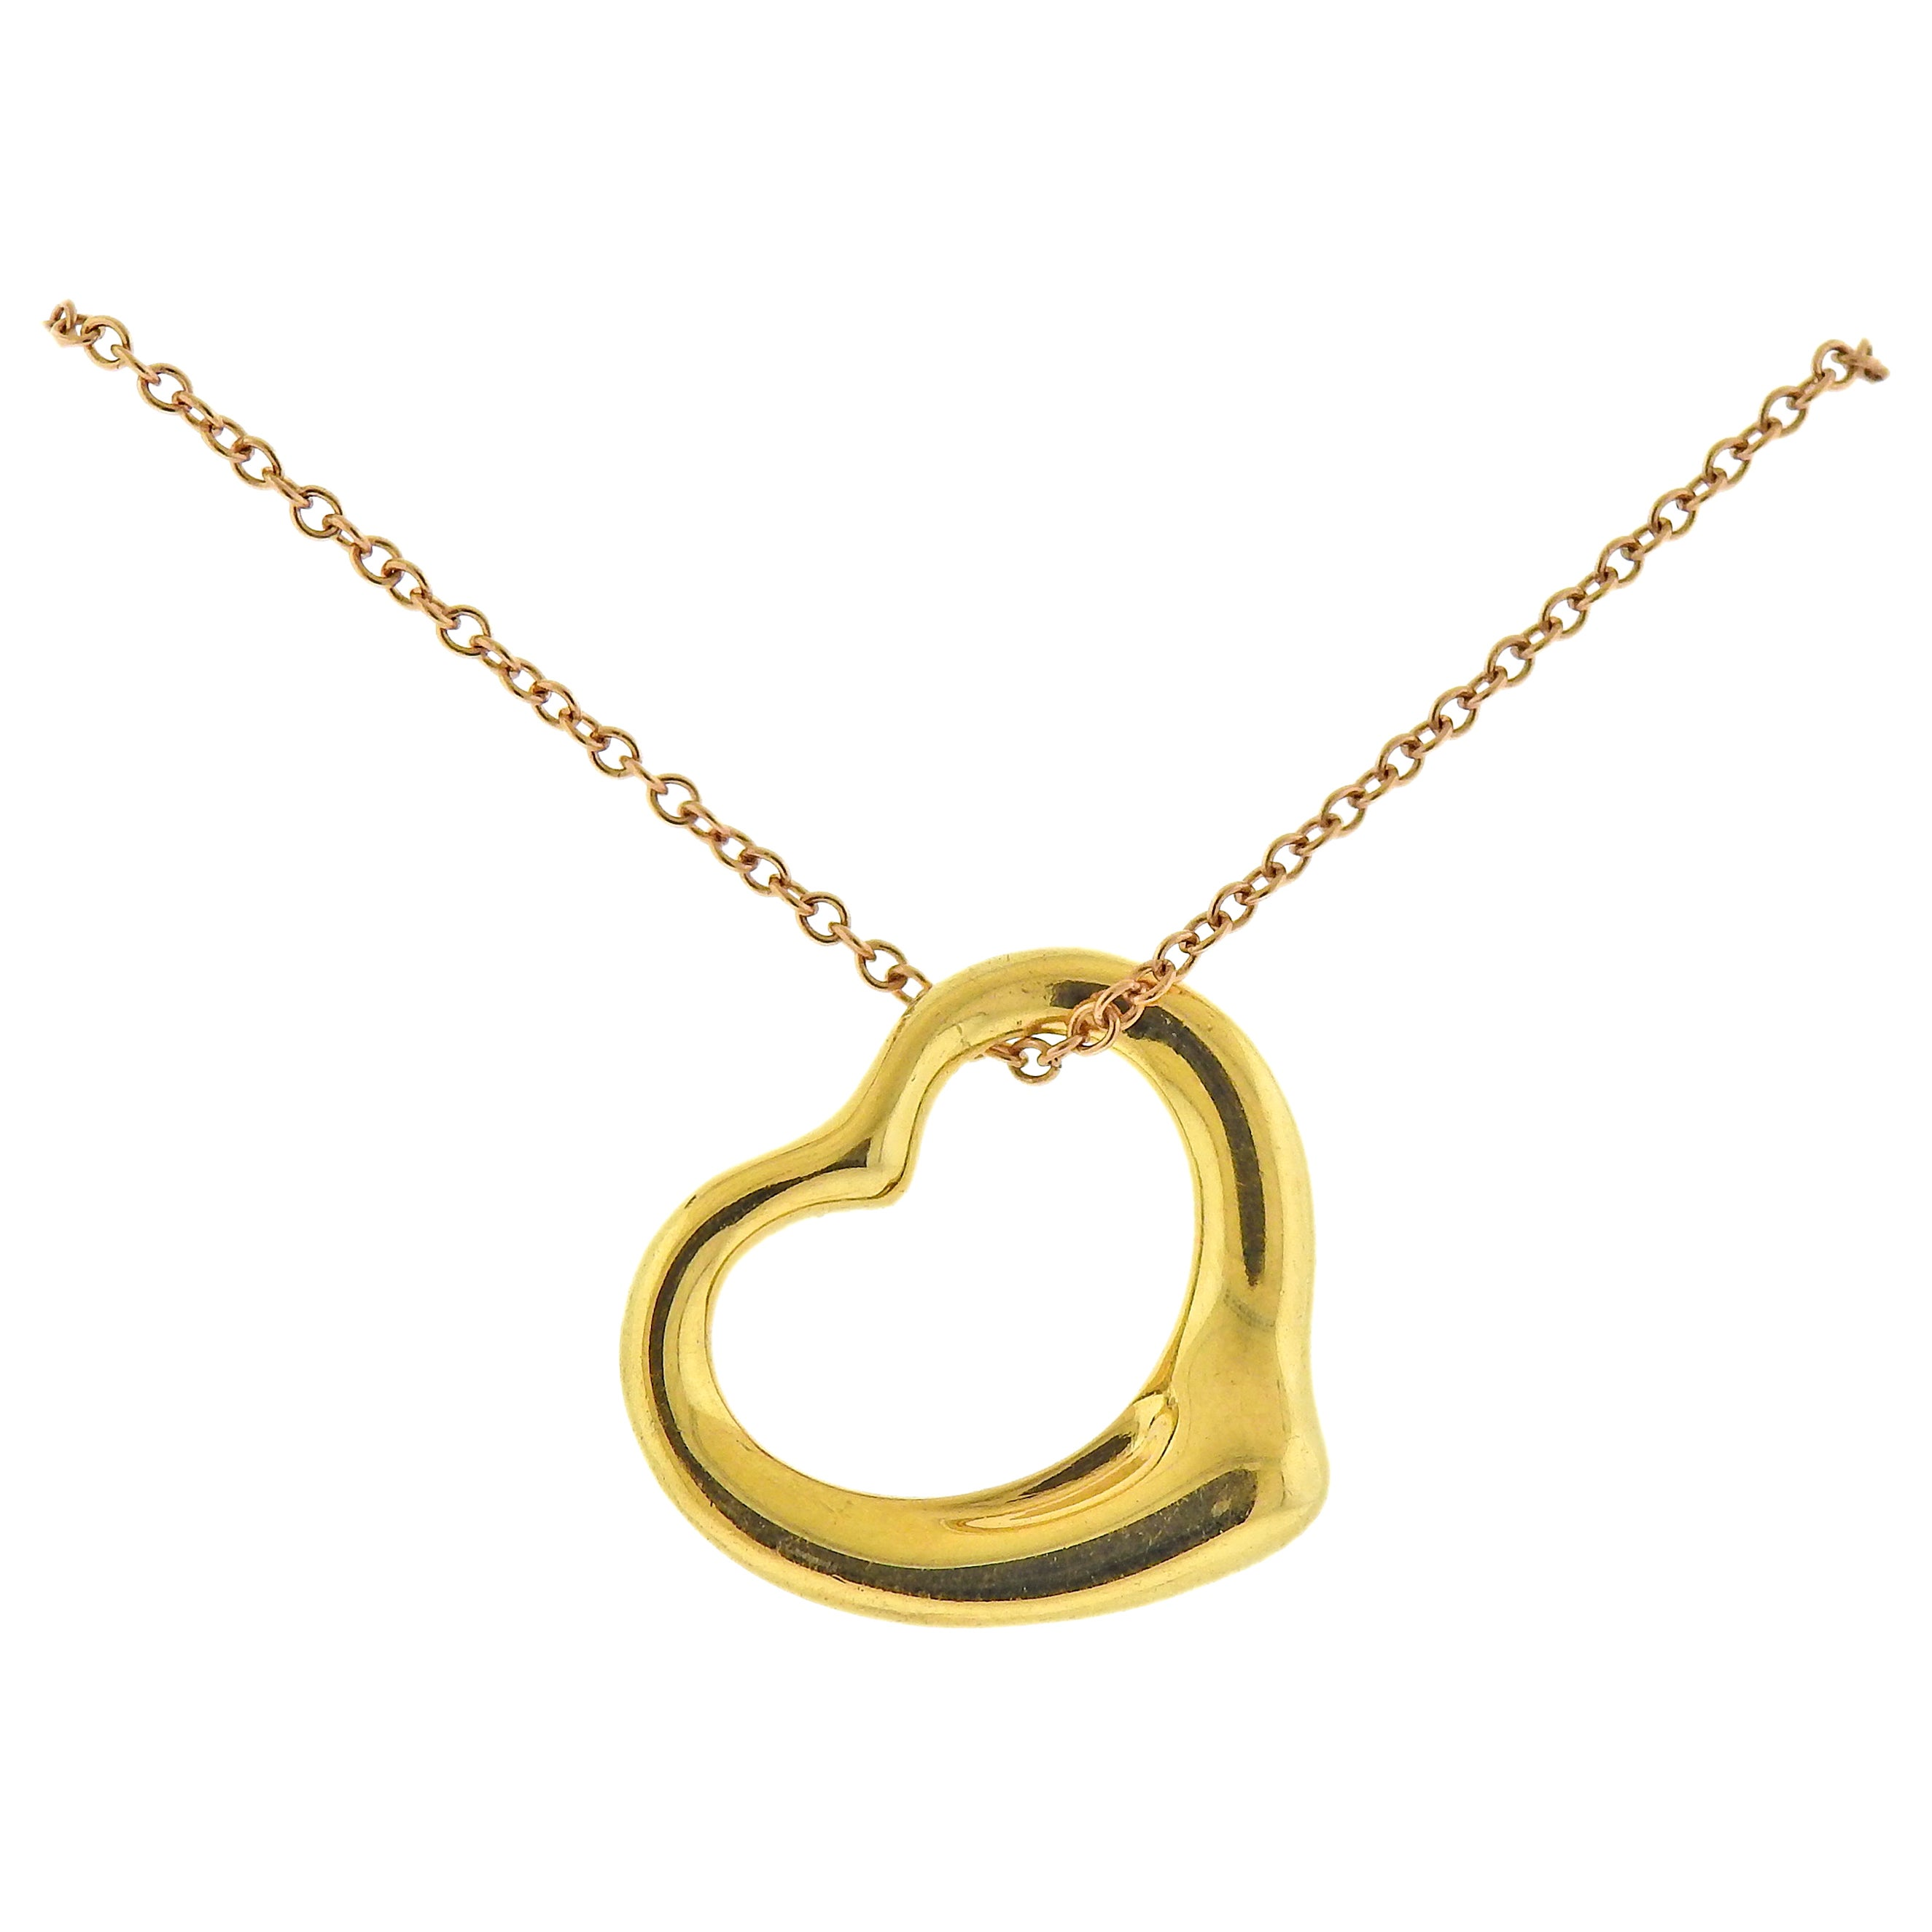 Tiffany & Co. Elsa Peretti Open Heart Gold Pendant Necklace